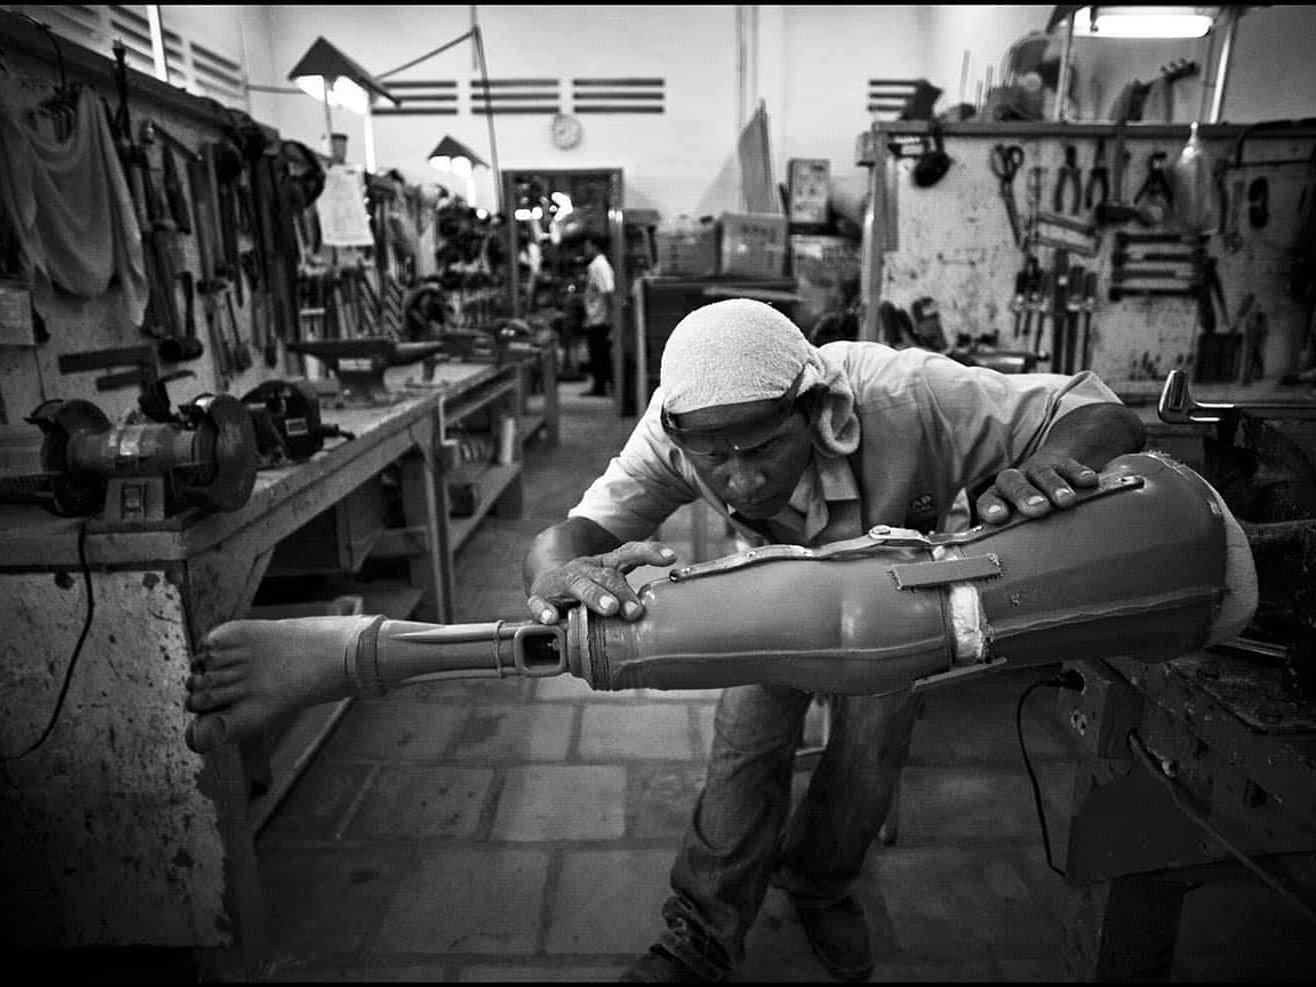 vietnam photographer possible life binhdang 3